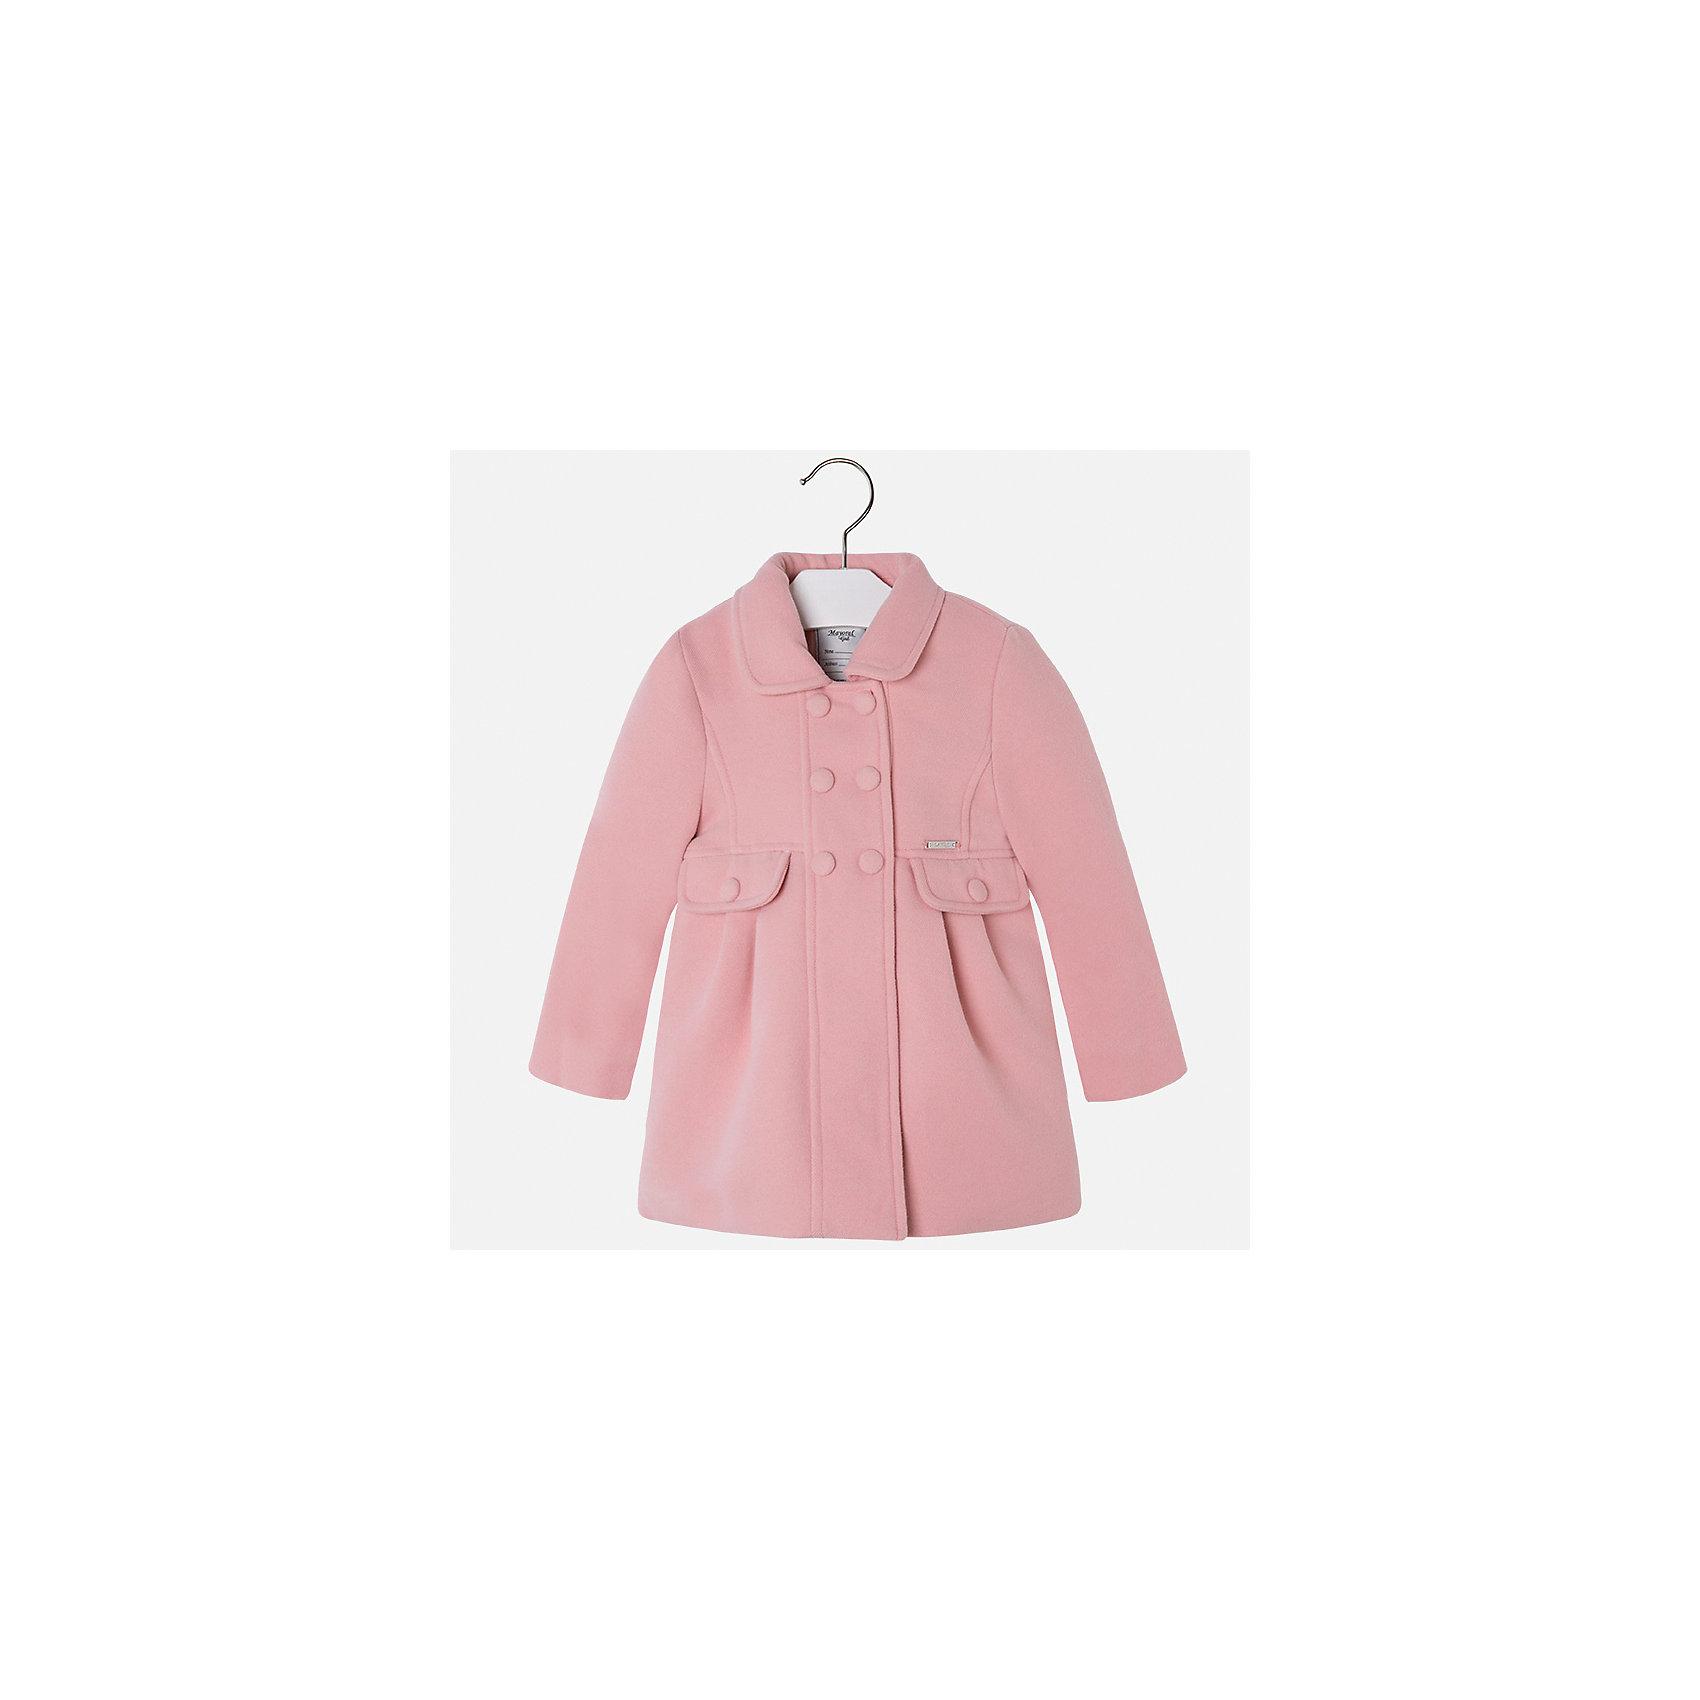 Пальто Mayoral для девочкиВерхняя одежда<br>Характеристики товара:<br><br>• цвет: розовый<br>• состав ткани: 90% полиэстер, 8% вискоза, 2% эластан, подклад - 100% полиэстер<br>• застежка: пуговицы<br>• длинные рукава<br>• сезон: демисезон<br>• температурный режим: от -5 до +5<br>• страна бренда: Испания<br>• страна изготовитель: Индия<br><br>Такое пальто для девочки сможет обеспечить тепло в период межсезонья. Модель сделана из качественного материала, есть подкладка. Модное пальто от Майорал - это пример отличного вкуса и высокого качества. <br><br>В одежде от испанской компании Майорал ребенок будет выглядеть модно, а чувствовать себя - комфортно. Целая команда европейских талантливых дизайнеров работает над созданием стильных и оригинальных моделей одежды.<br><br>Пальто для девочки Mayoral (Майорал) можно купить в нашем интернет-магазине.<br><br>Ширина мм: 356<br>Глубина мм: 10<br>Высота мм: 245<br>Вес г: 519<br>Цвет: розовый<br>Возраст от месяцев: 96<br>Возраст до месяцев: 108<br>Пол: Женский<br>Возраст: Детский<br>Размер: 134,92,98,104,110,116,122,128<br>SKU: 6924288